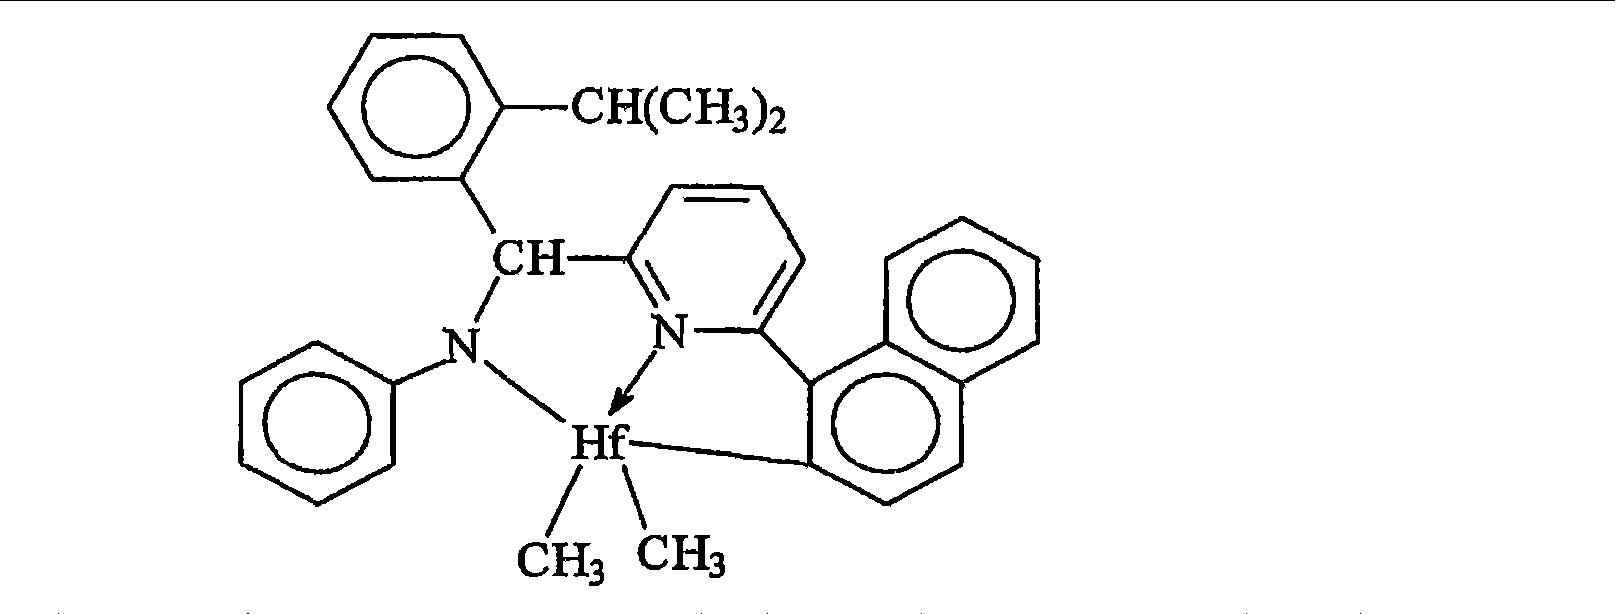 Figure CN101142246BD00581